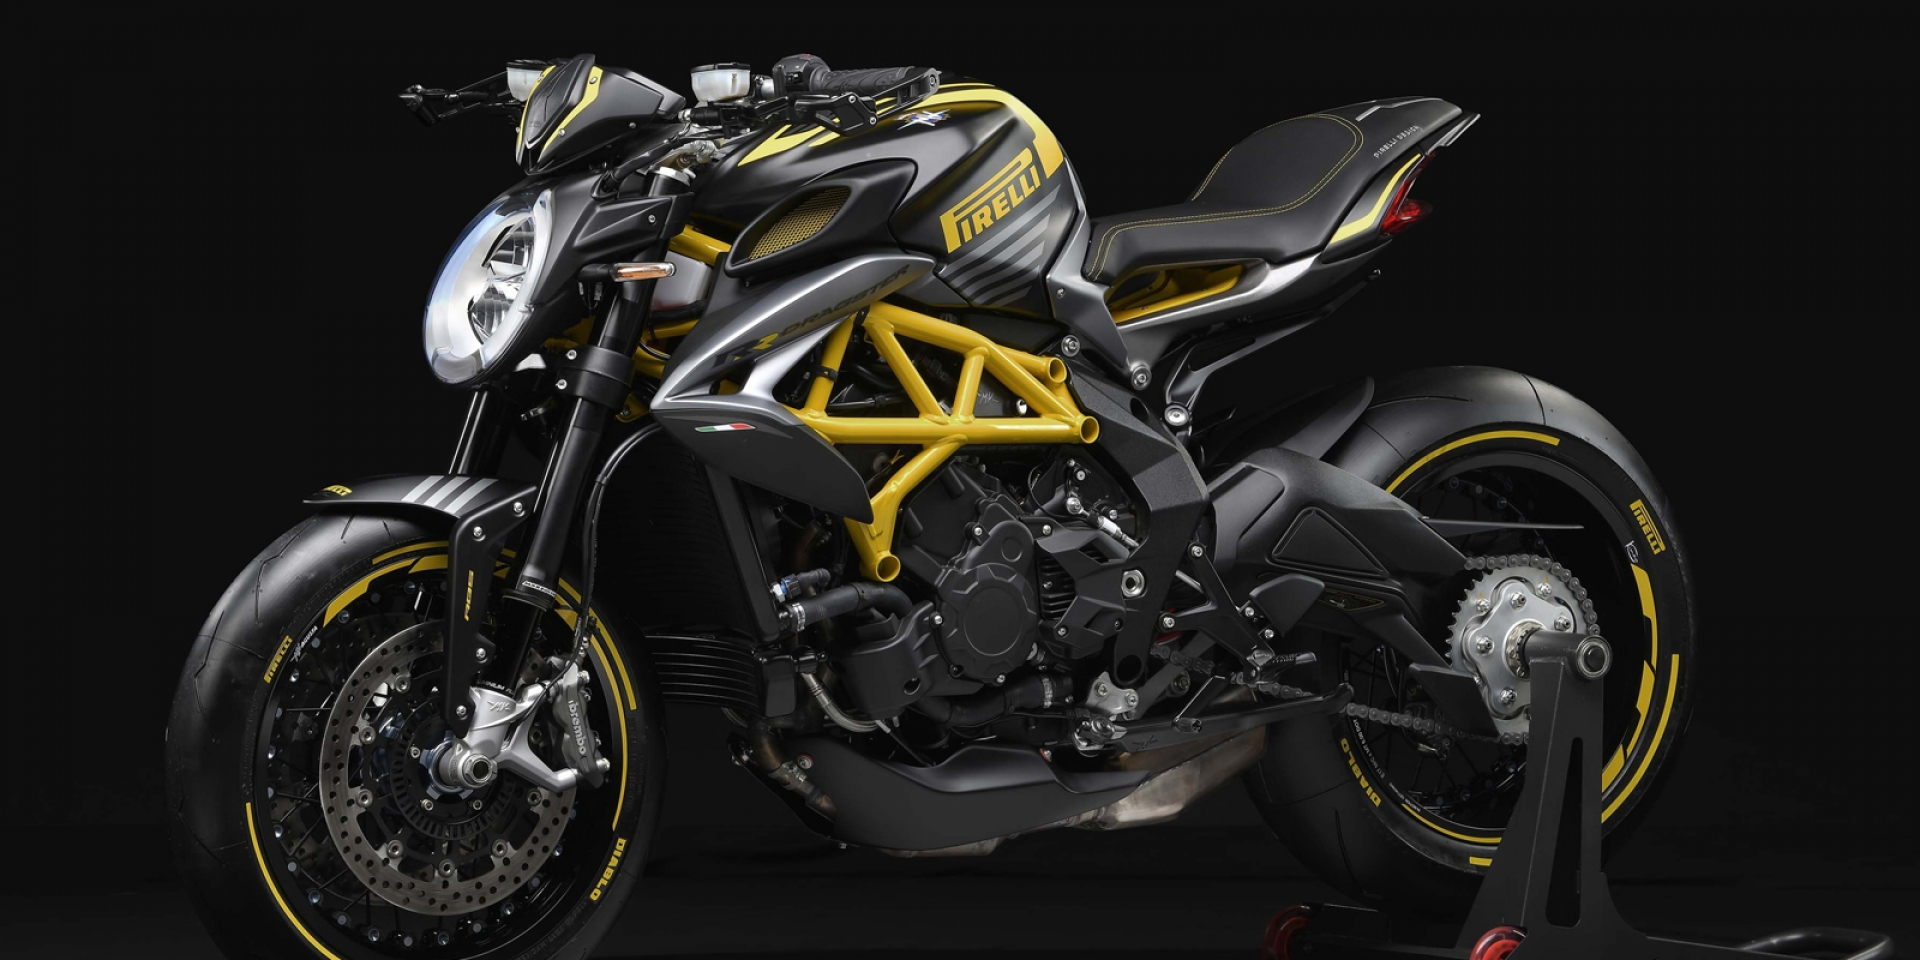 聯名限量款又來啦!MV Agusta Dragster 800 RR Pirelli限量登場